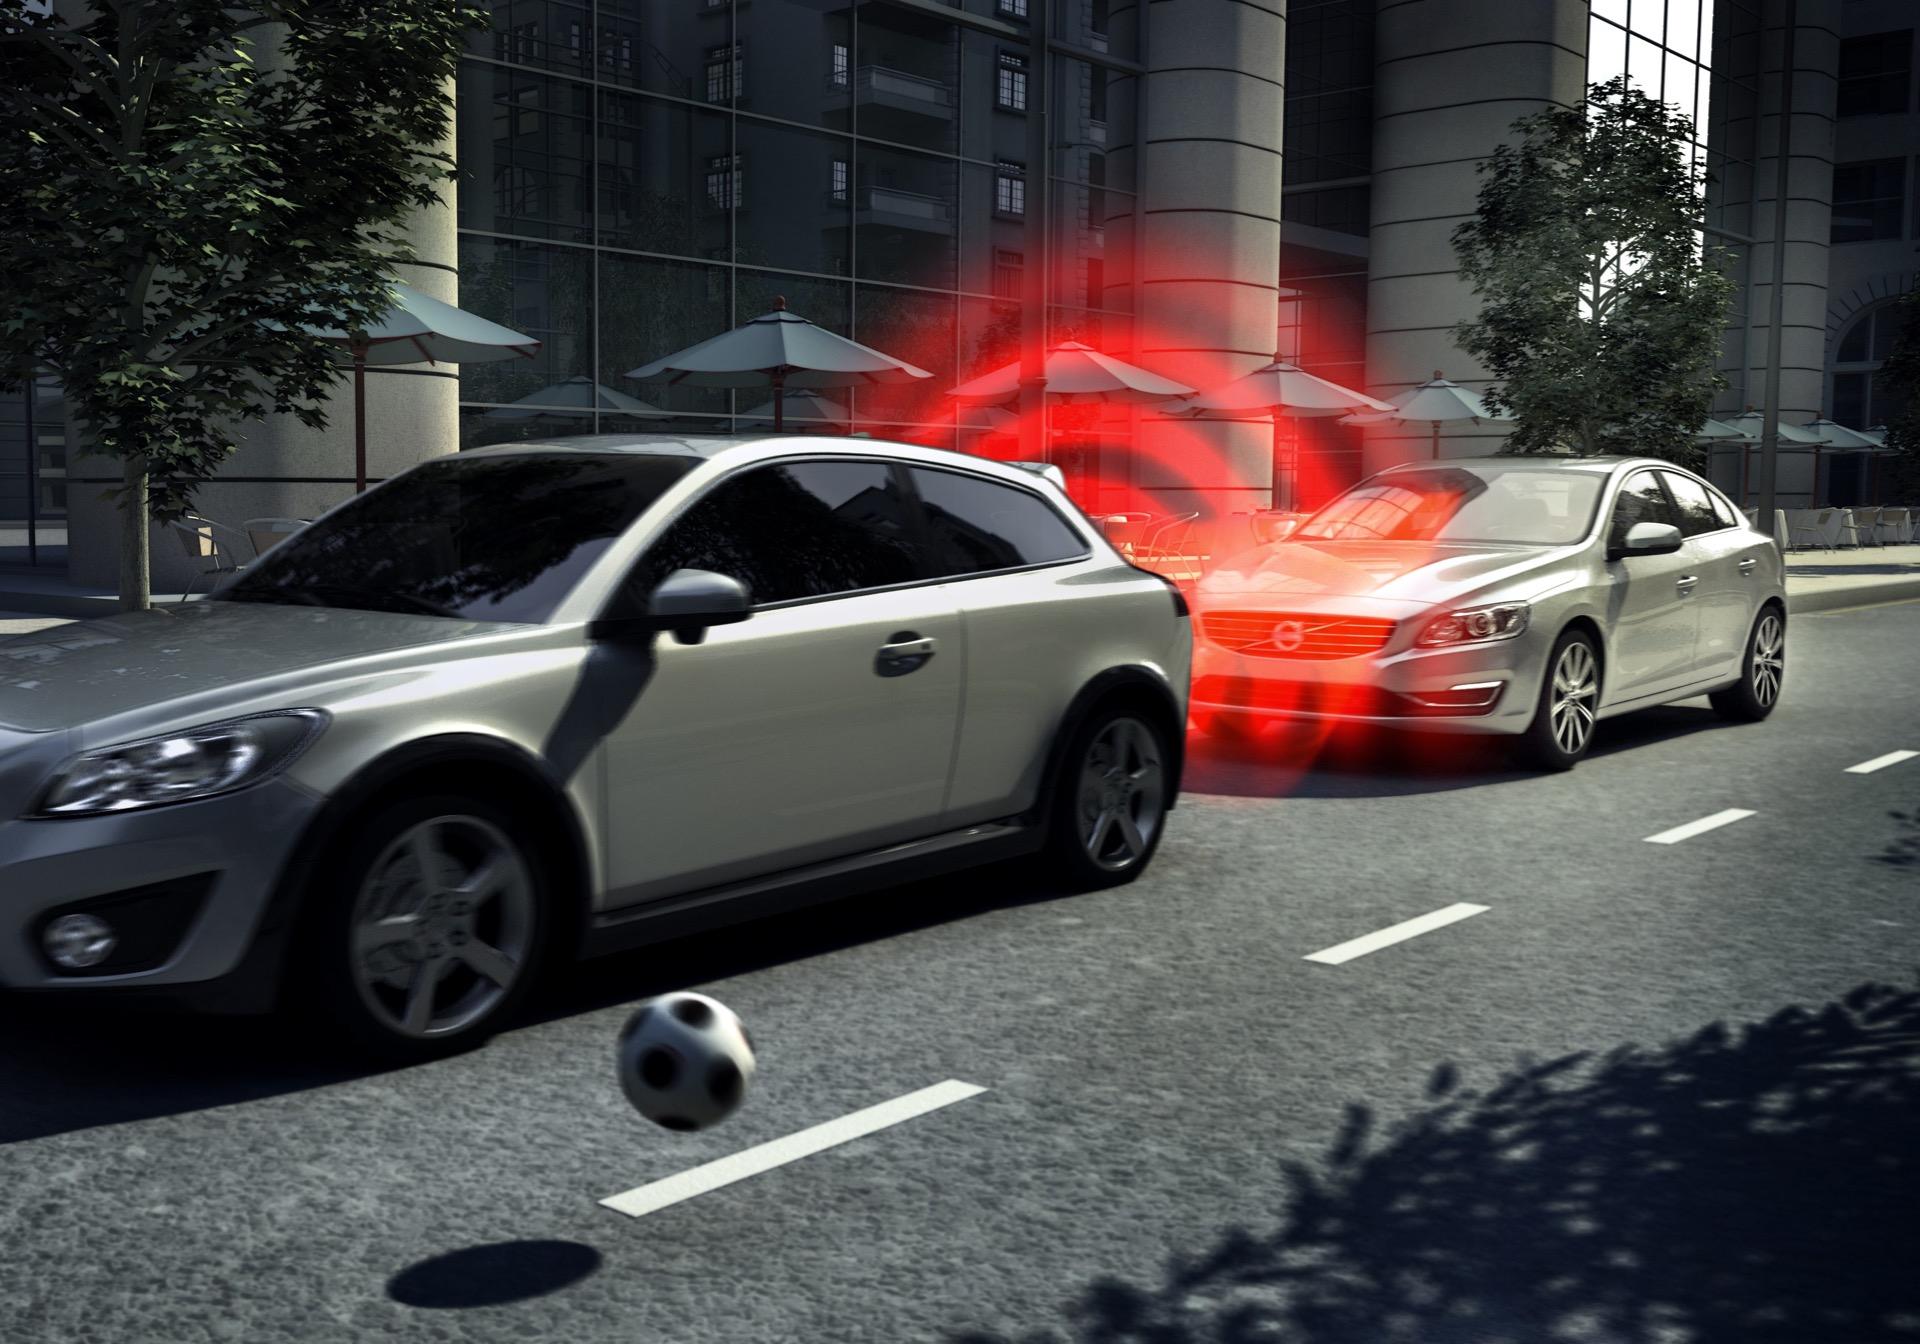 City Safety -  2013, 2014, Images, S60, S80, Safety, Technology, V40, V60, V70, Volvo, XC60, XC70